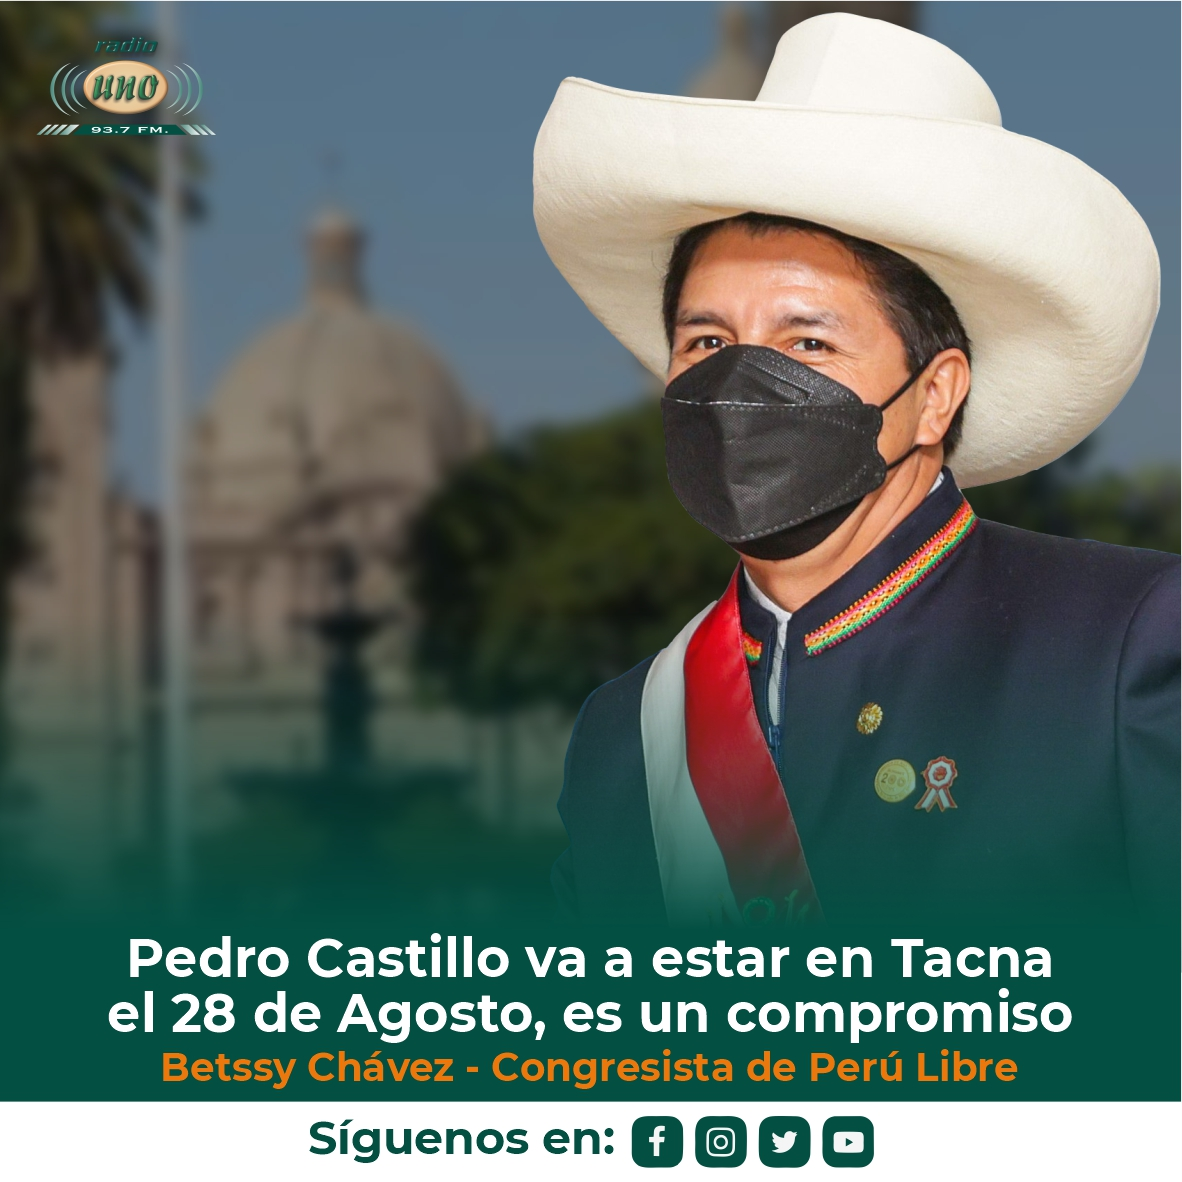 Pedro Castillo va a estar en Tacna el 28 de Agosto, es un compromiso